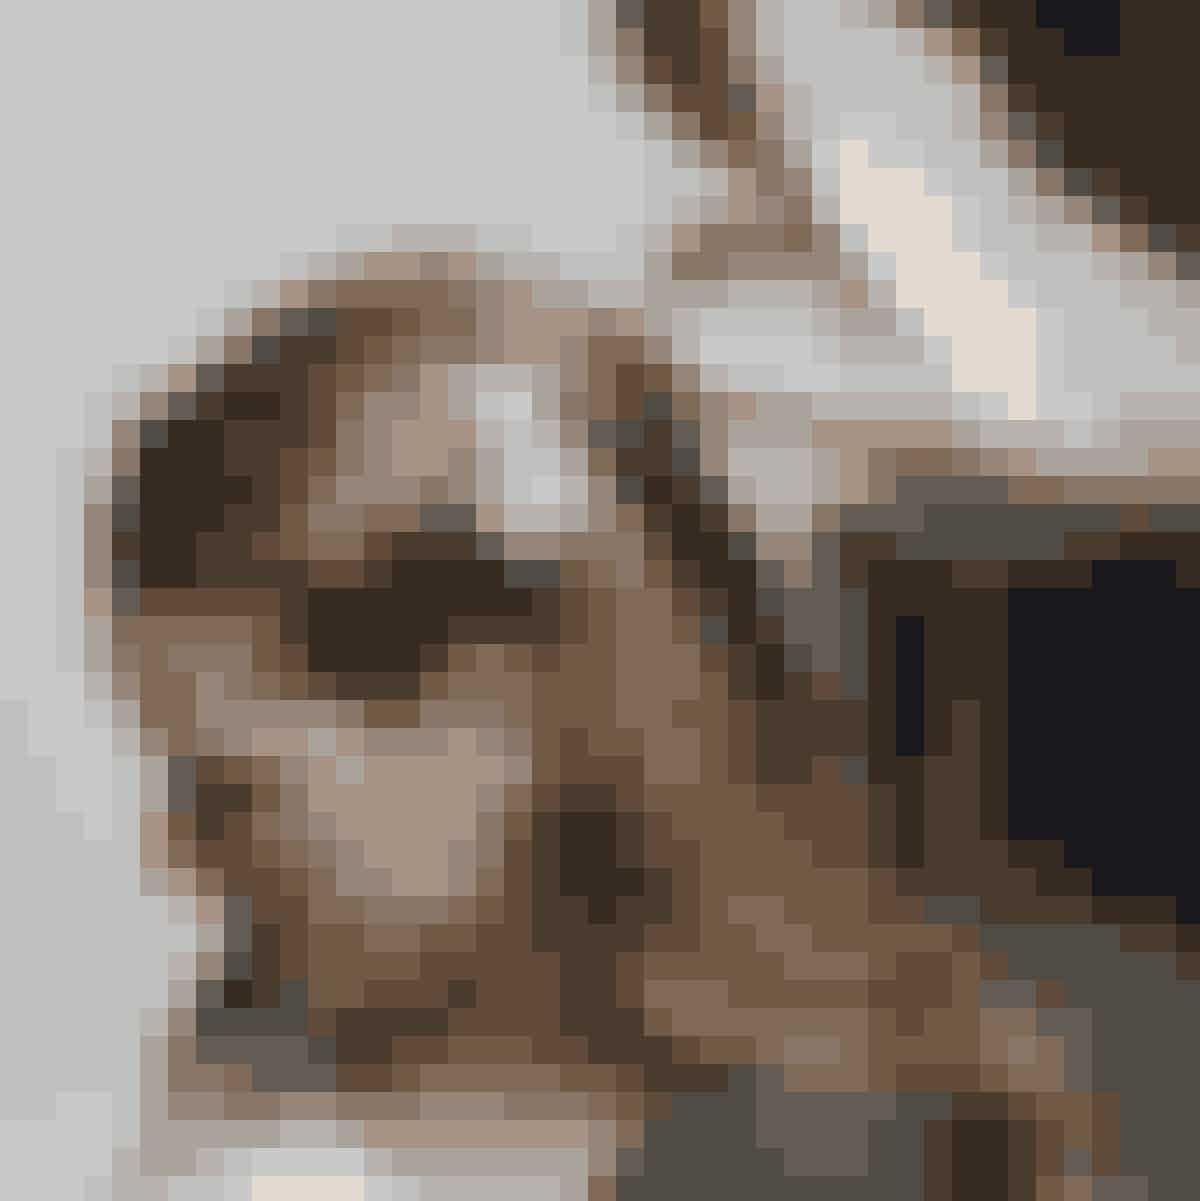 Ida-Marie gar et flot, langt hår, så det er oplagt at lave fine krøller og fæstne håret i den ene side med en fransk fletning.1. Spray hårlak i hele håret og børst ud, gentag dette 3 gange. Derefter laves bølger/slangekrøller med et glattejern. Start indefra og i mindre totter.2. Flet i venstre side en mindre, fransk fletning. Børst med blød børste og spray med hårlak, så det holder hele dagen.3. Sæt et dekorativt spænde til 299 kr. fra Lilly der, hvor fletningen slutter.Få alle tips og tricks til festligt konfirmationslook i Familie Journal nr. 12